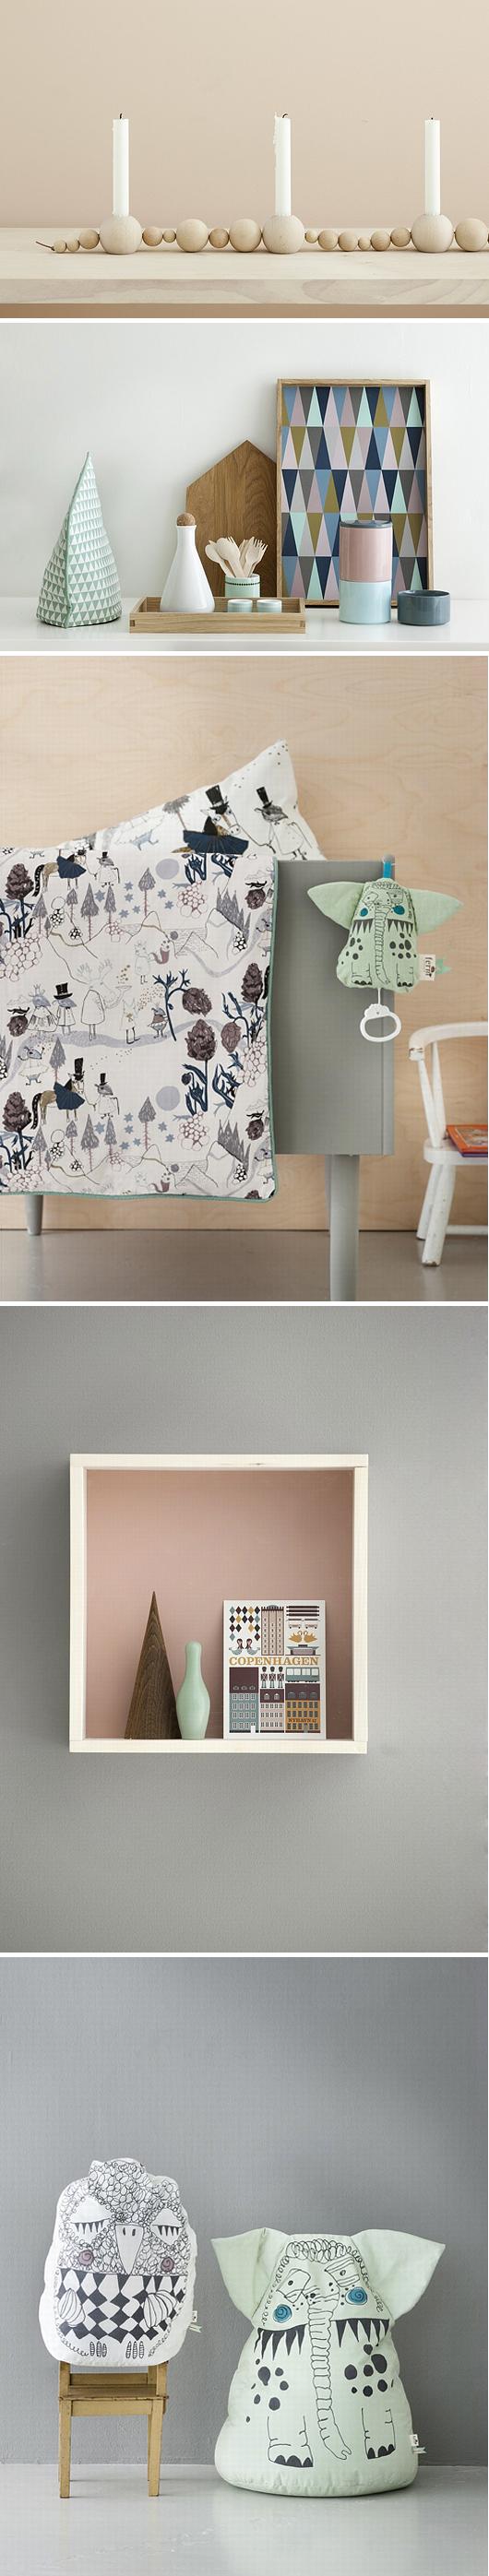 Trendenser Ferm Living Modern Scandinavian Interior Scandinavian Decor Diy Interior